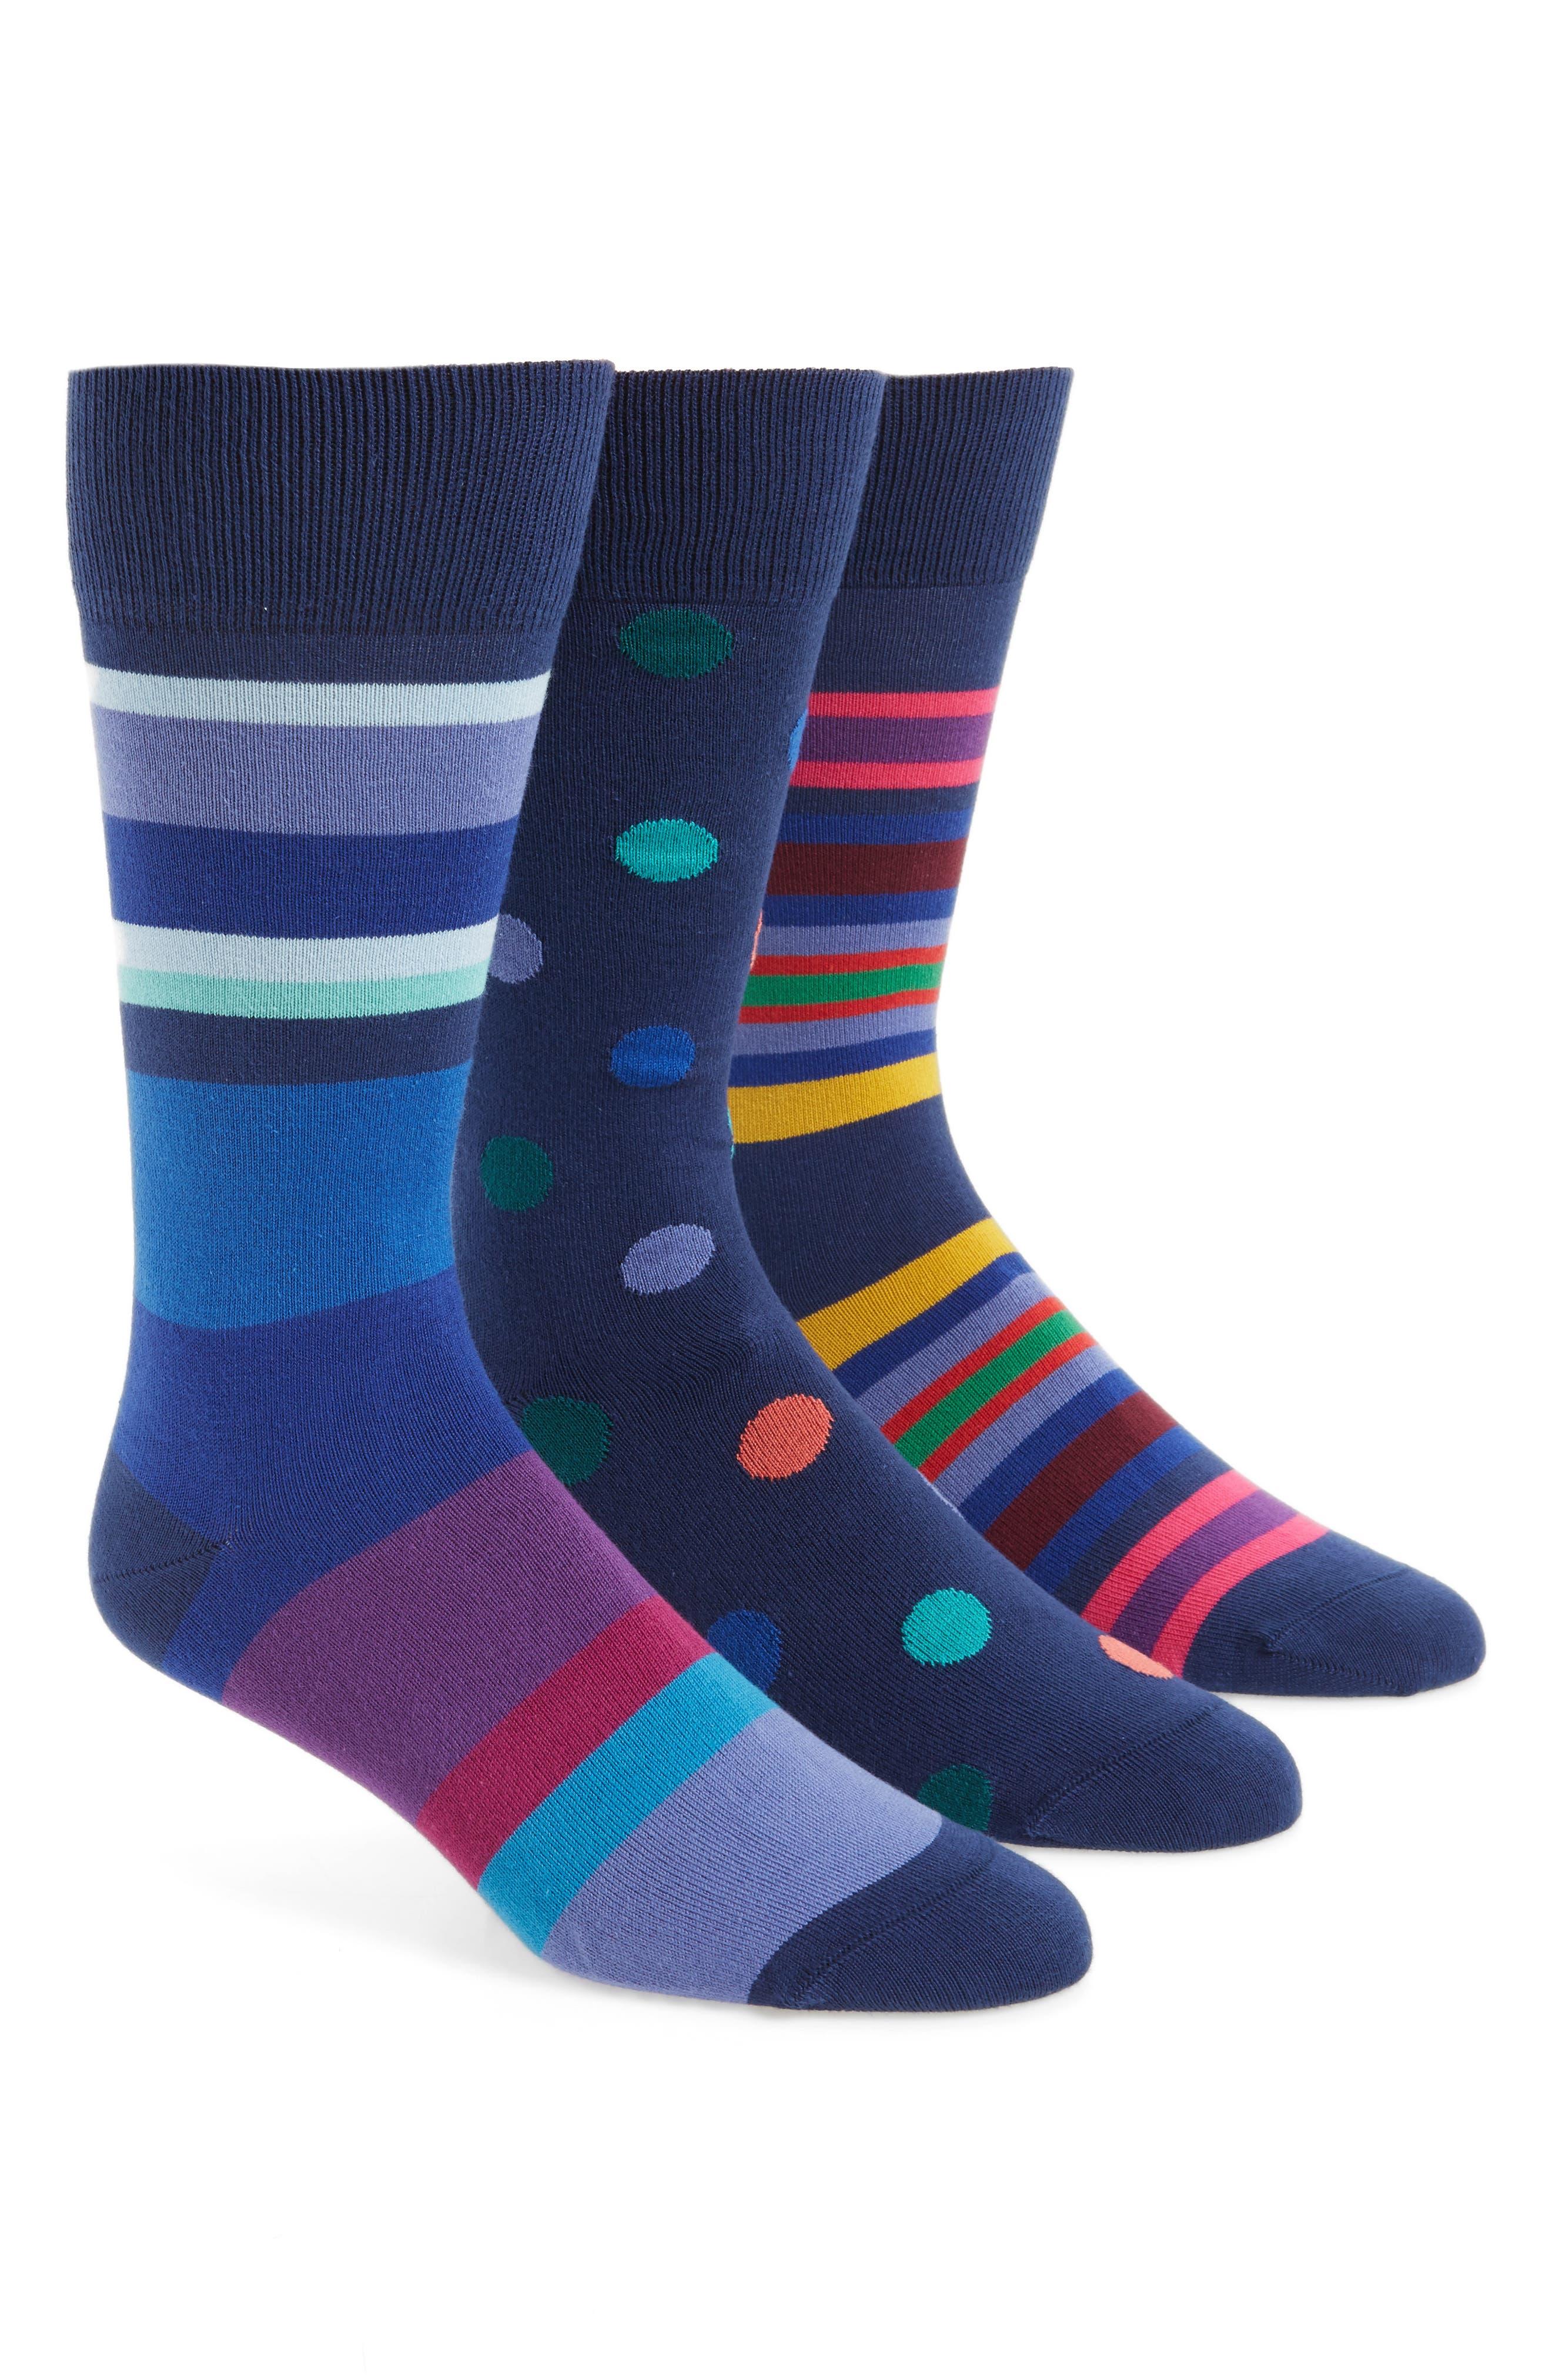 Paul Smith 3-Pack Novelty Socks ($90 Value)